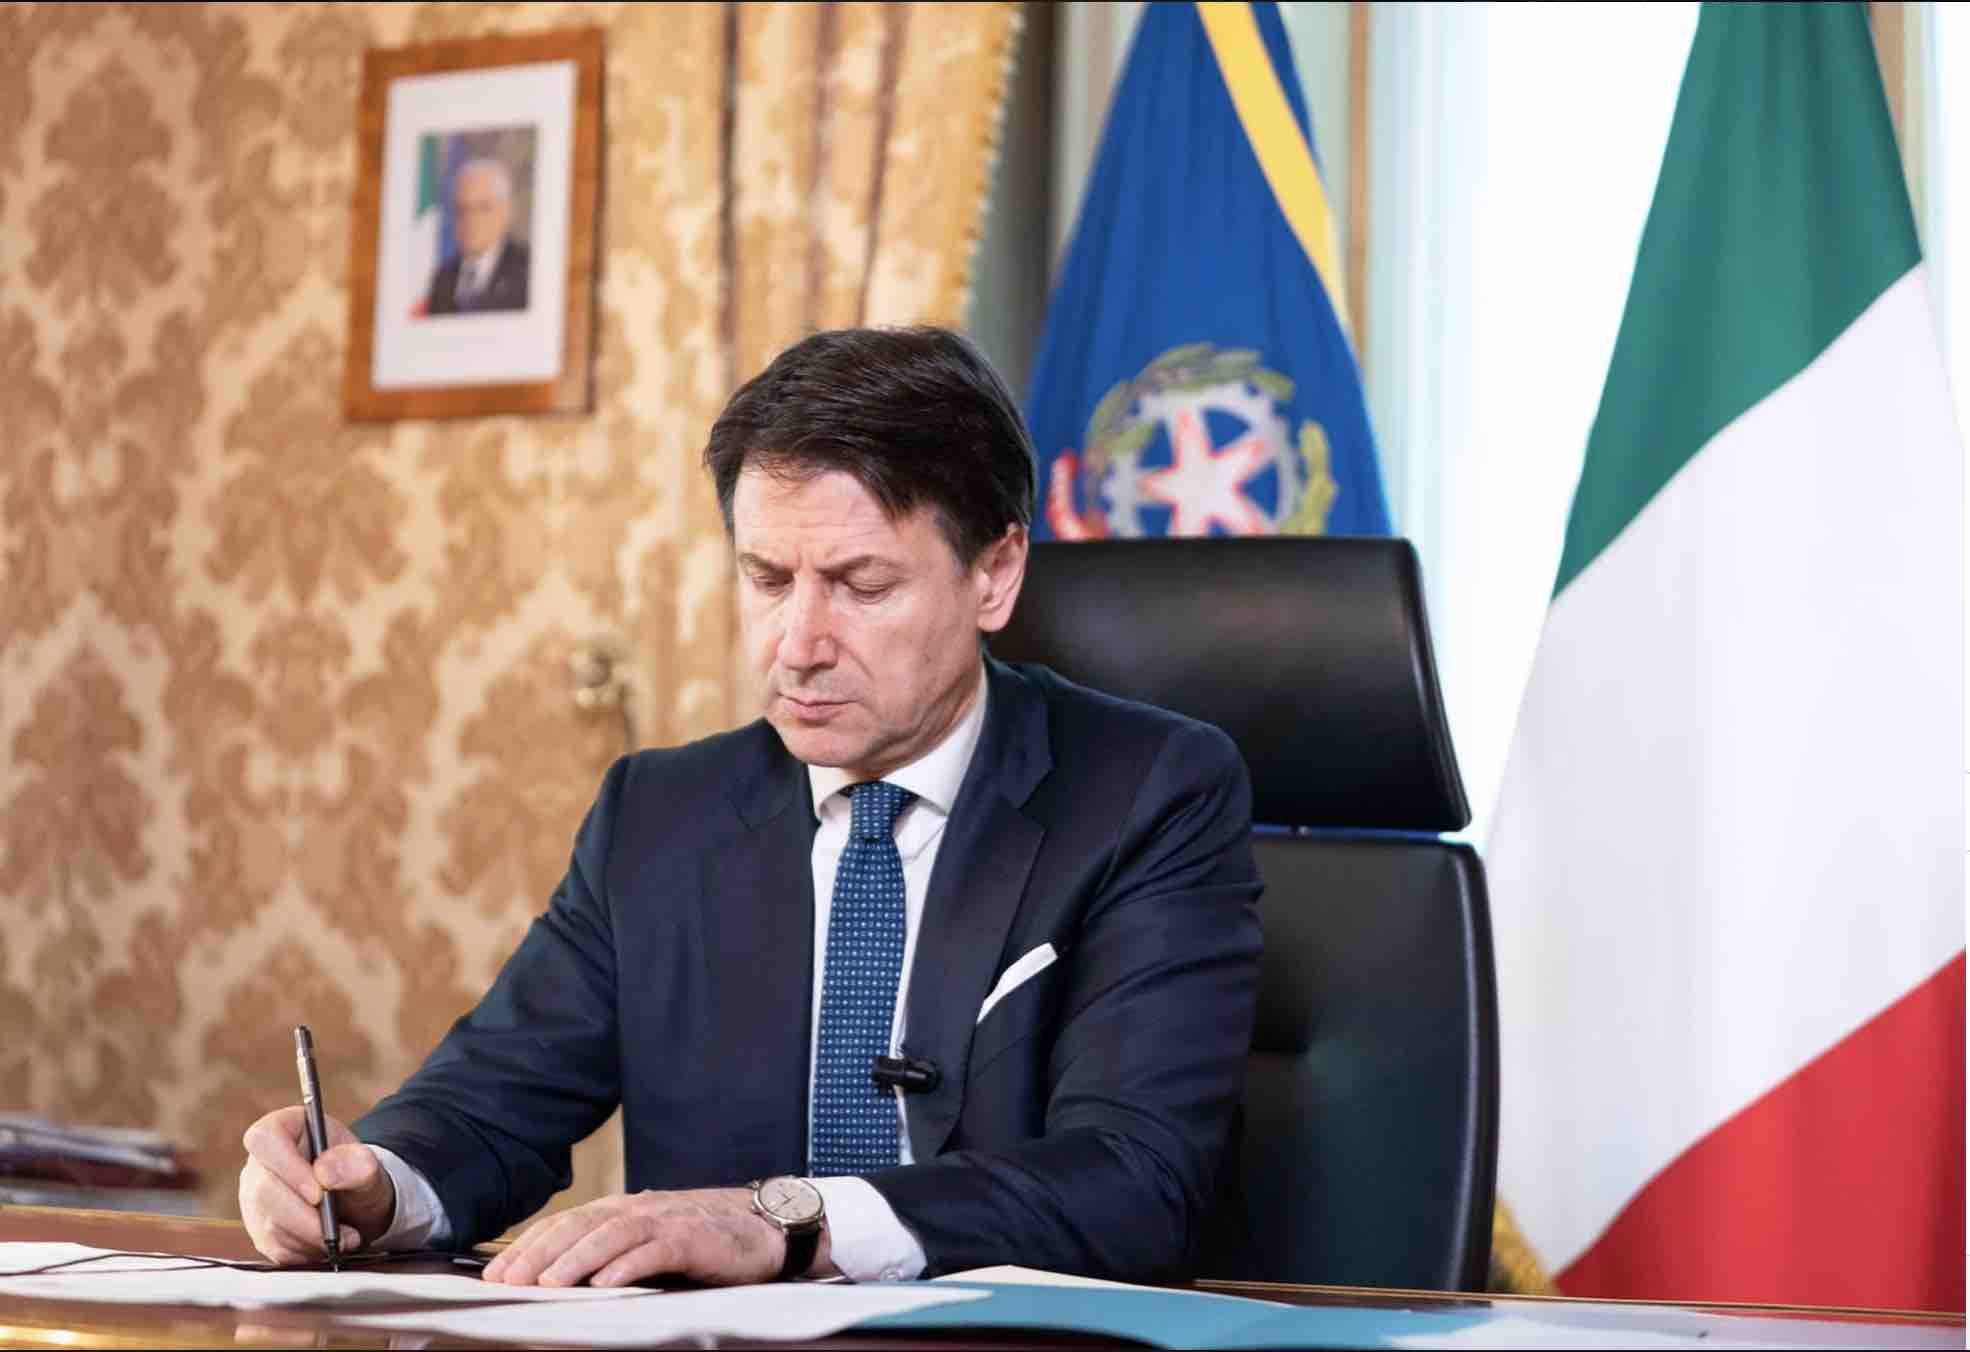 Giuseppe Conte Facebook